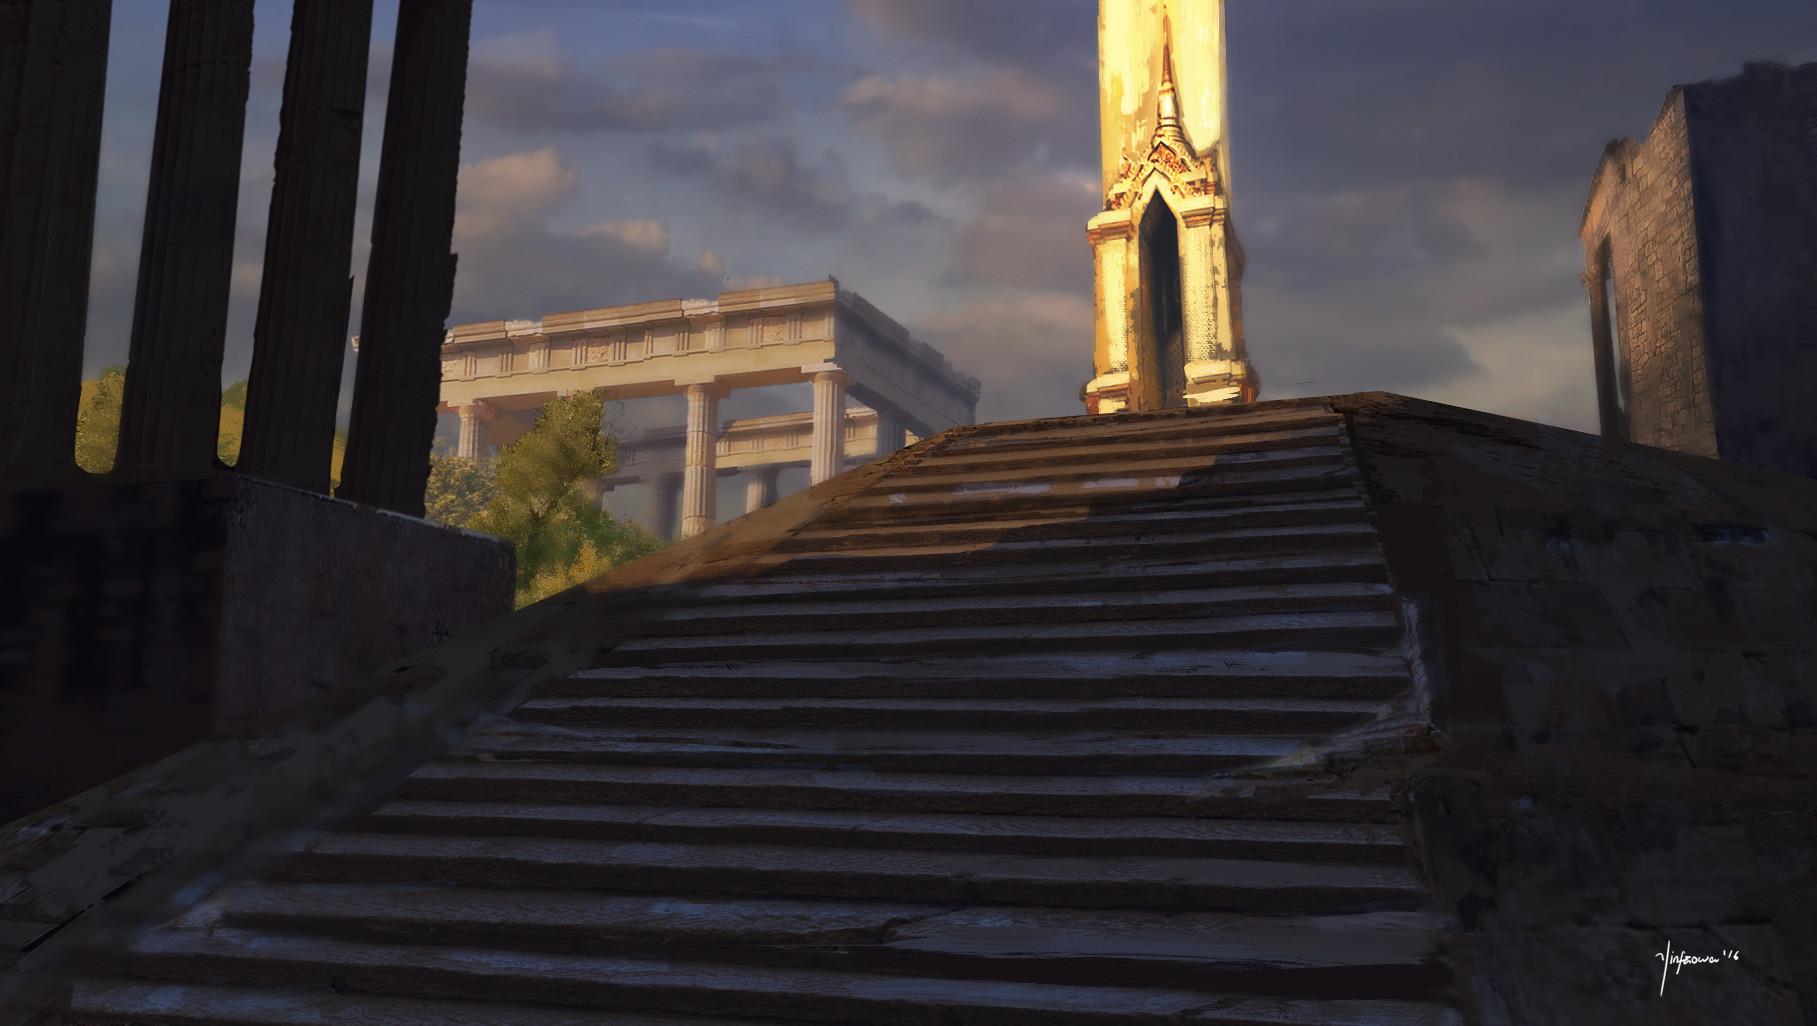 Harrison yinfaowei screenshot 6 final